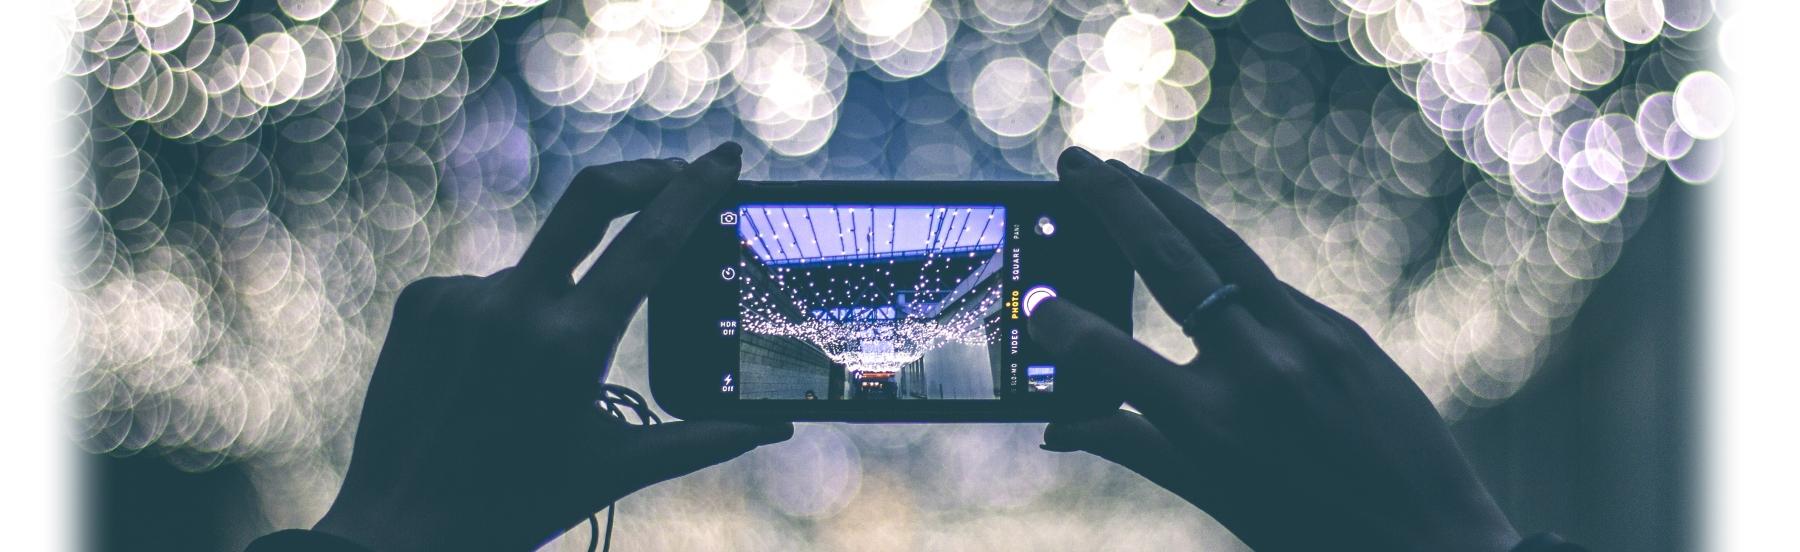 video på mobiltelefonen